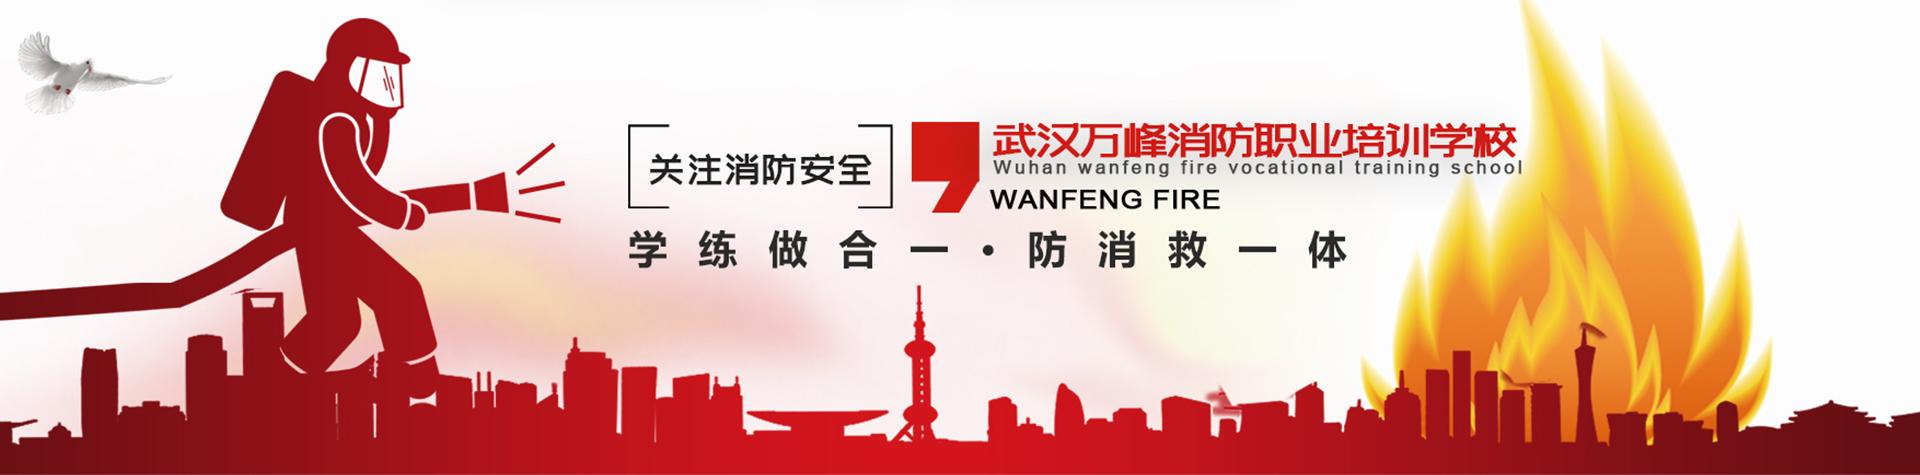 武汉消防培训,消防设施操作员培训,武汉消防学校培训